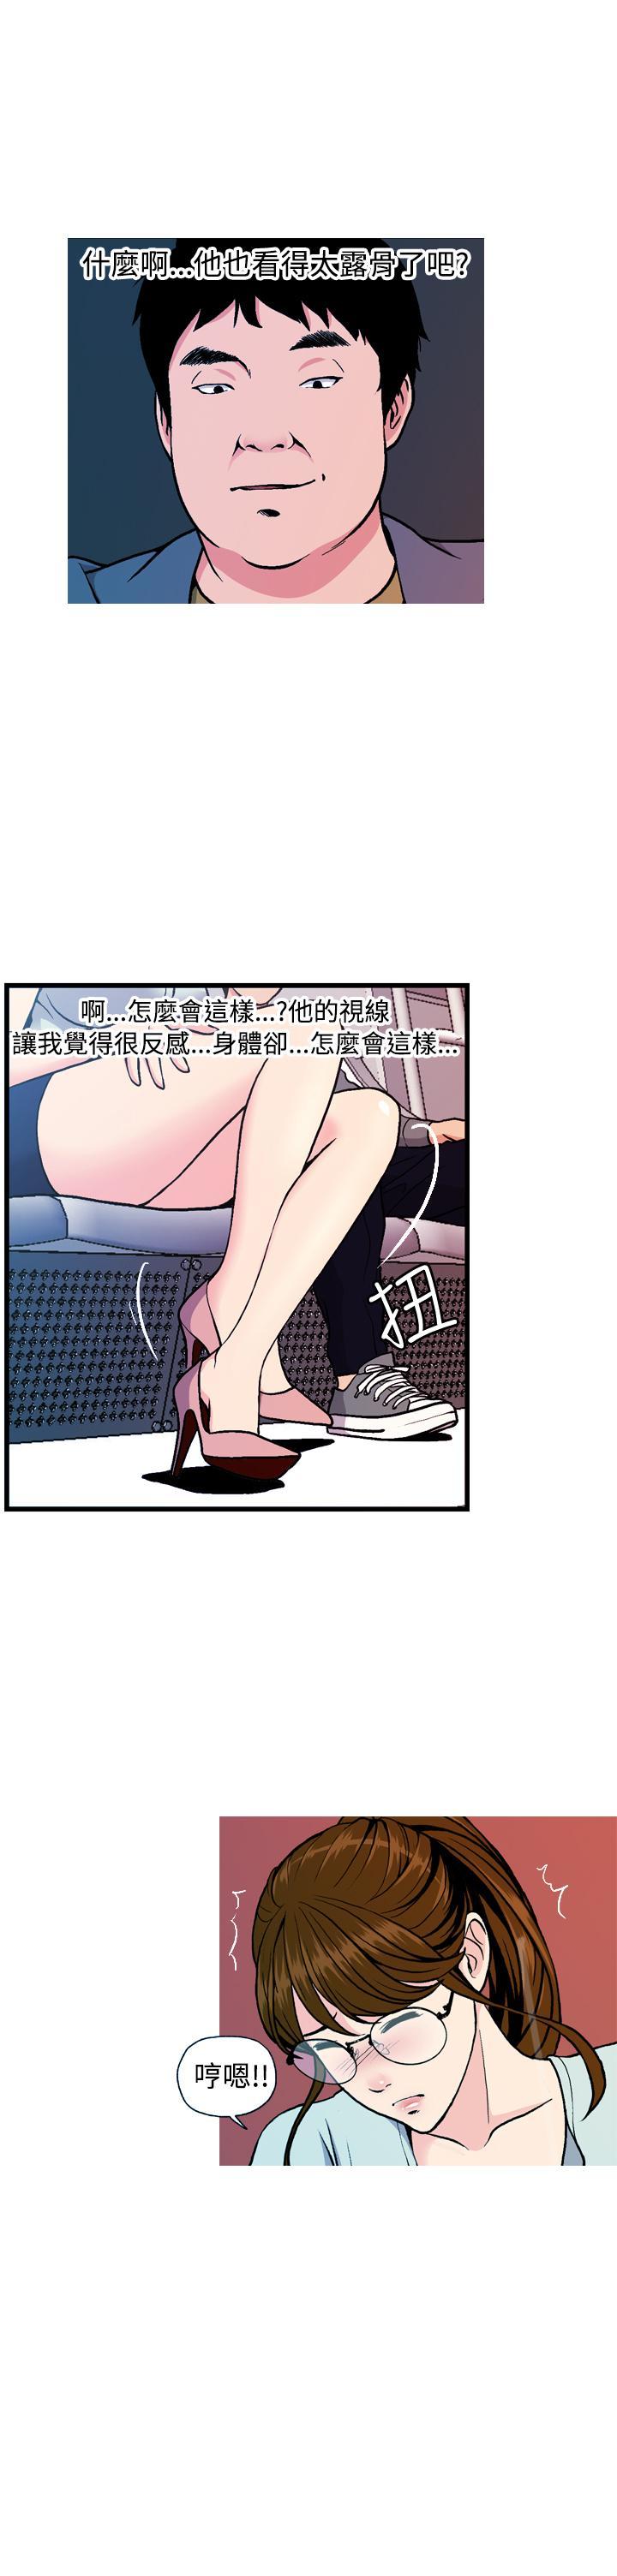 [洪班長] 淫stagram Ch.6~7 [Chinese]中文 55